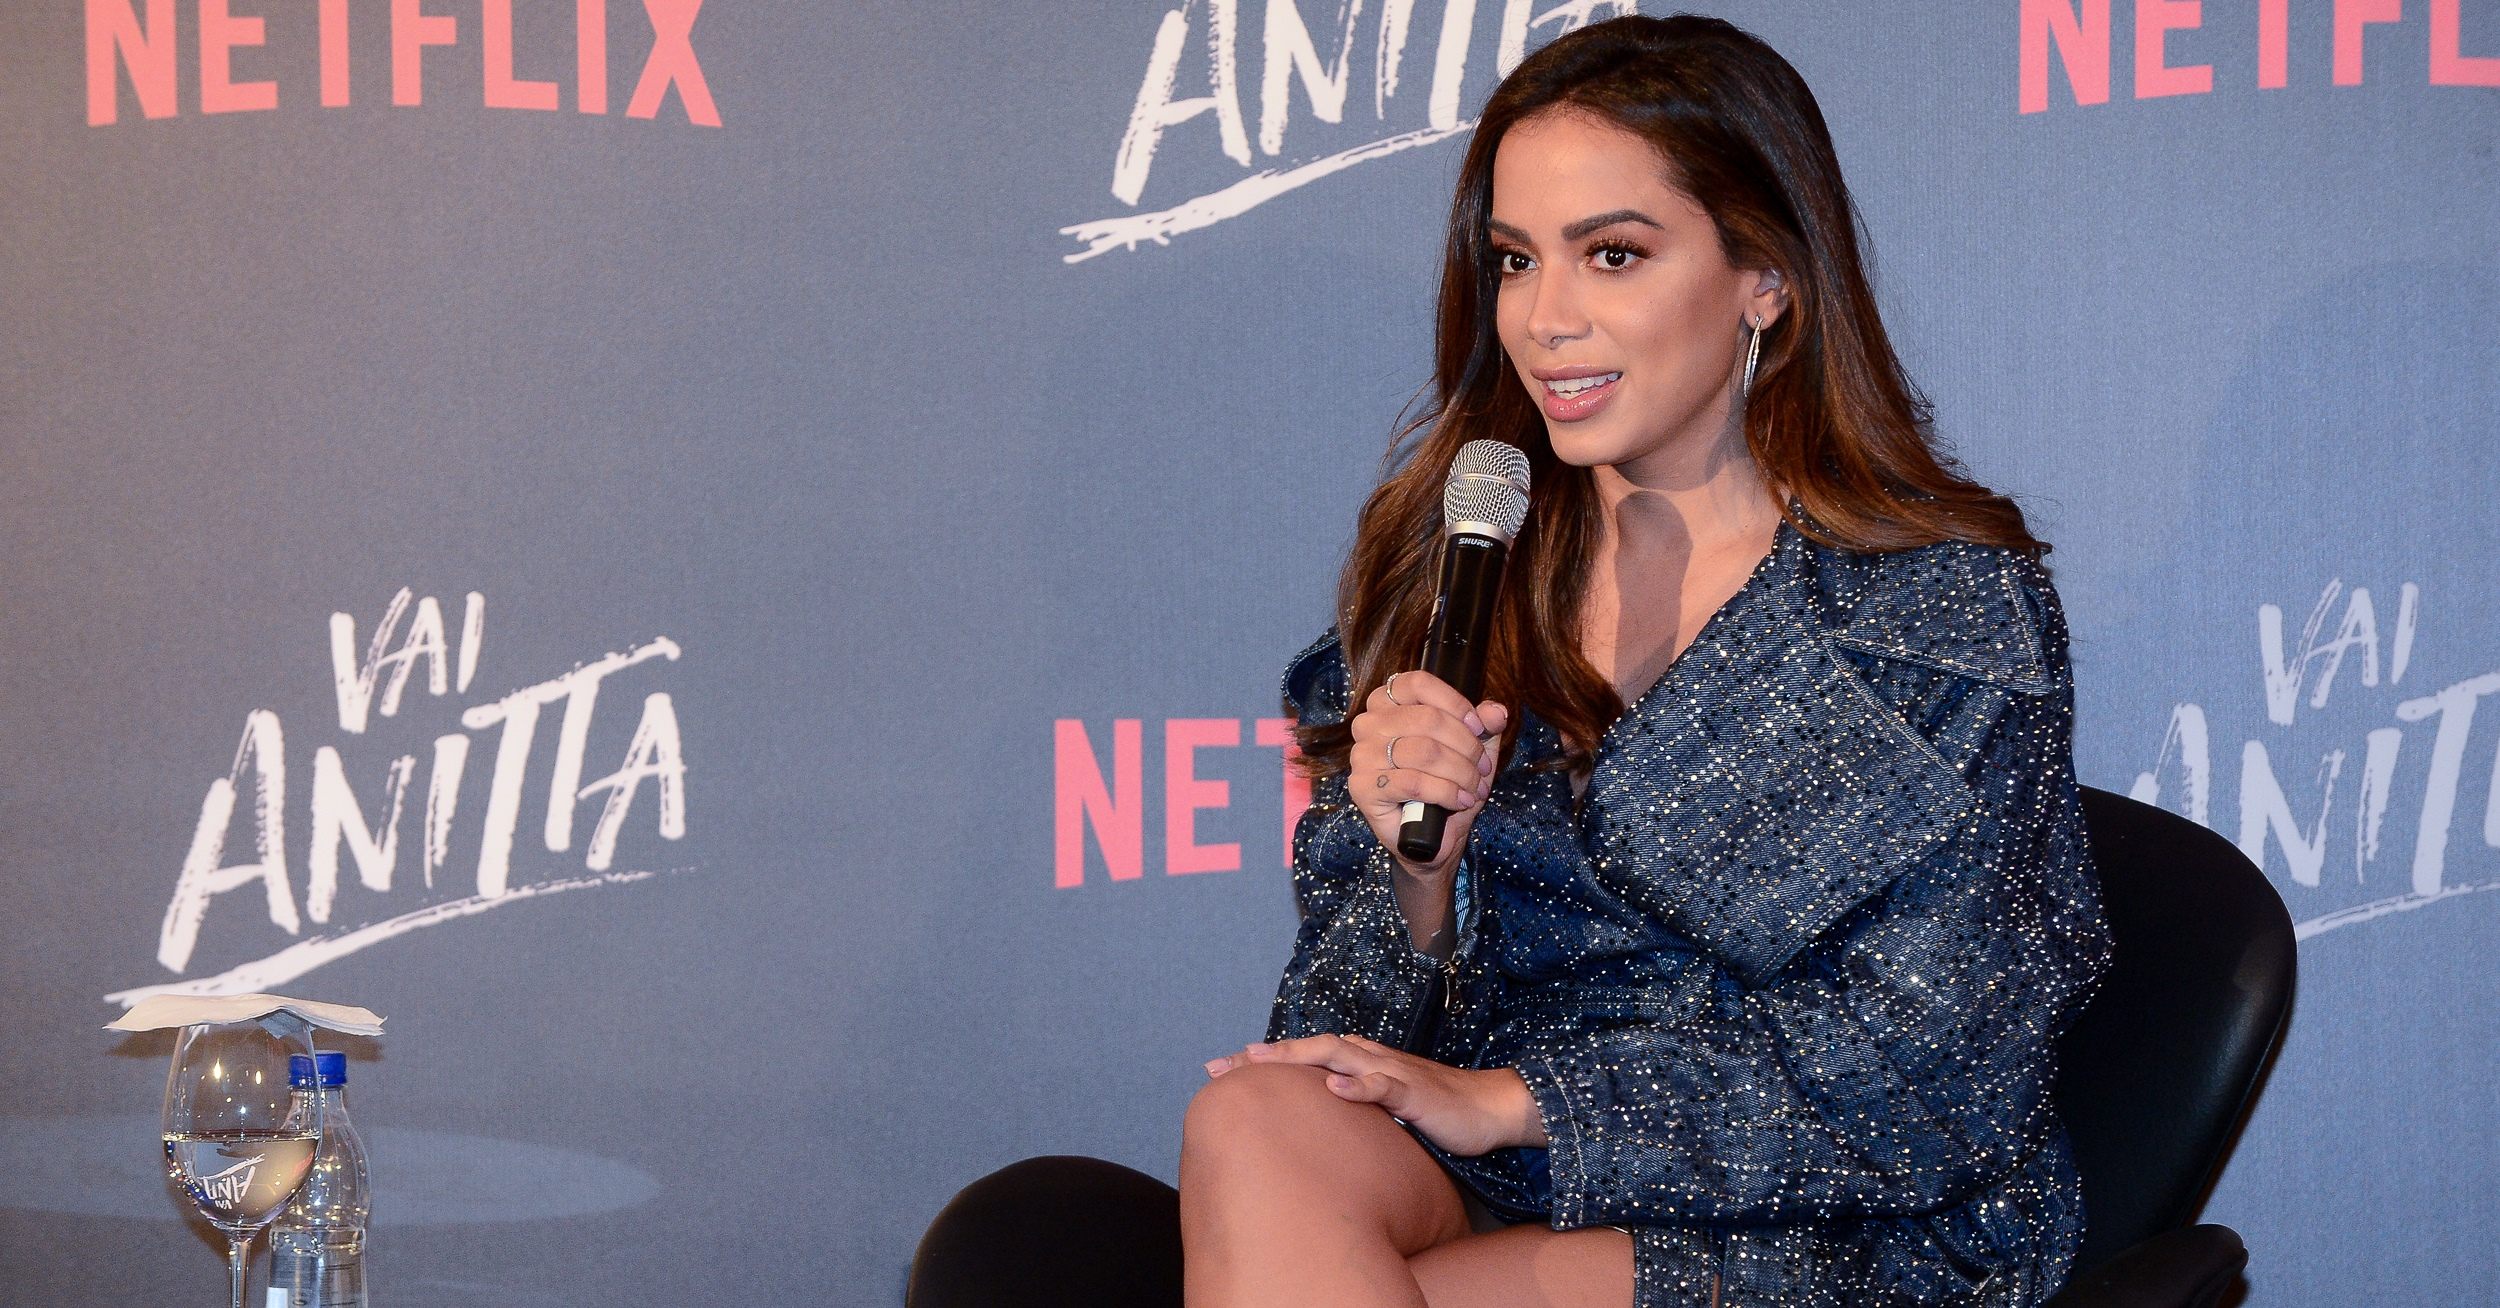 Anitta lança sua série da Netflix e revela que sofreu depressão durante as gravações